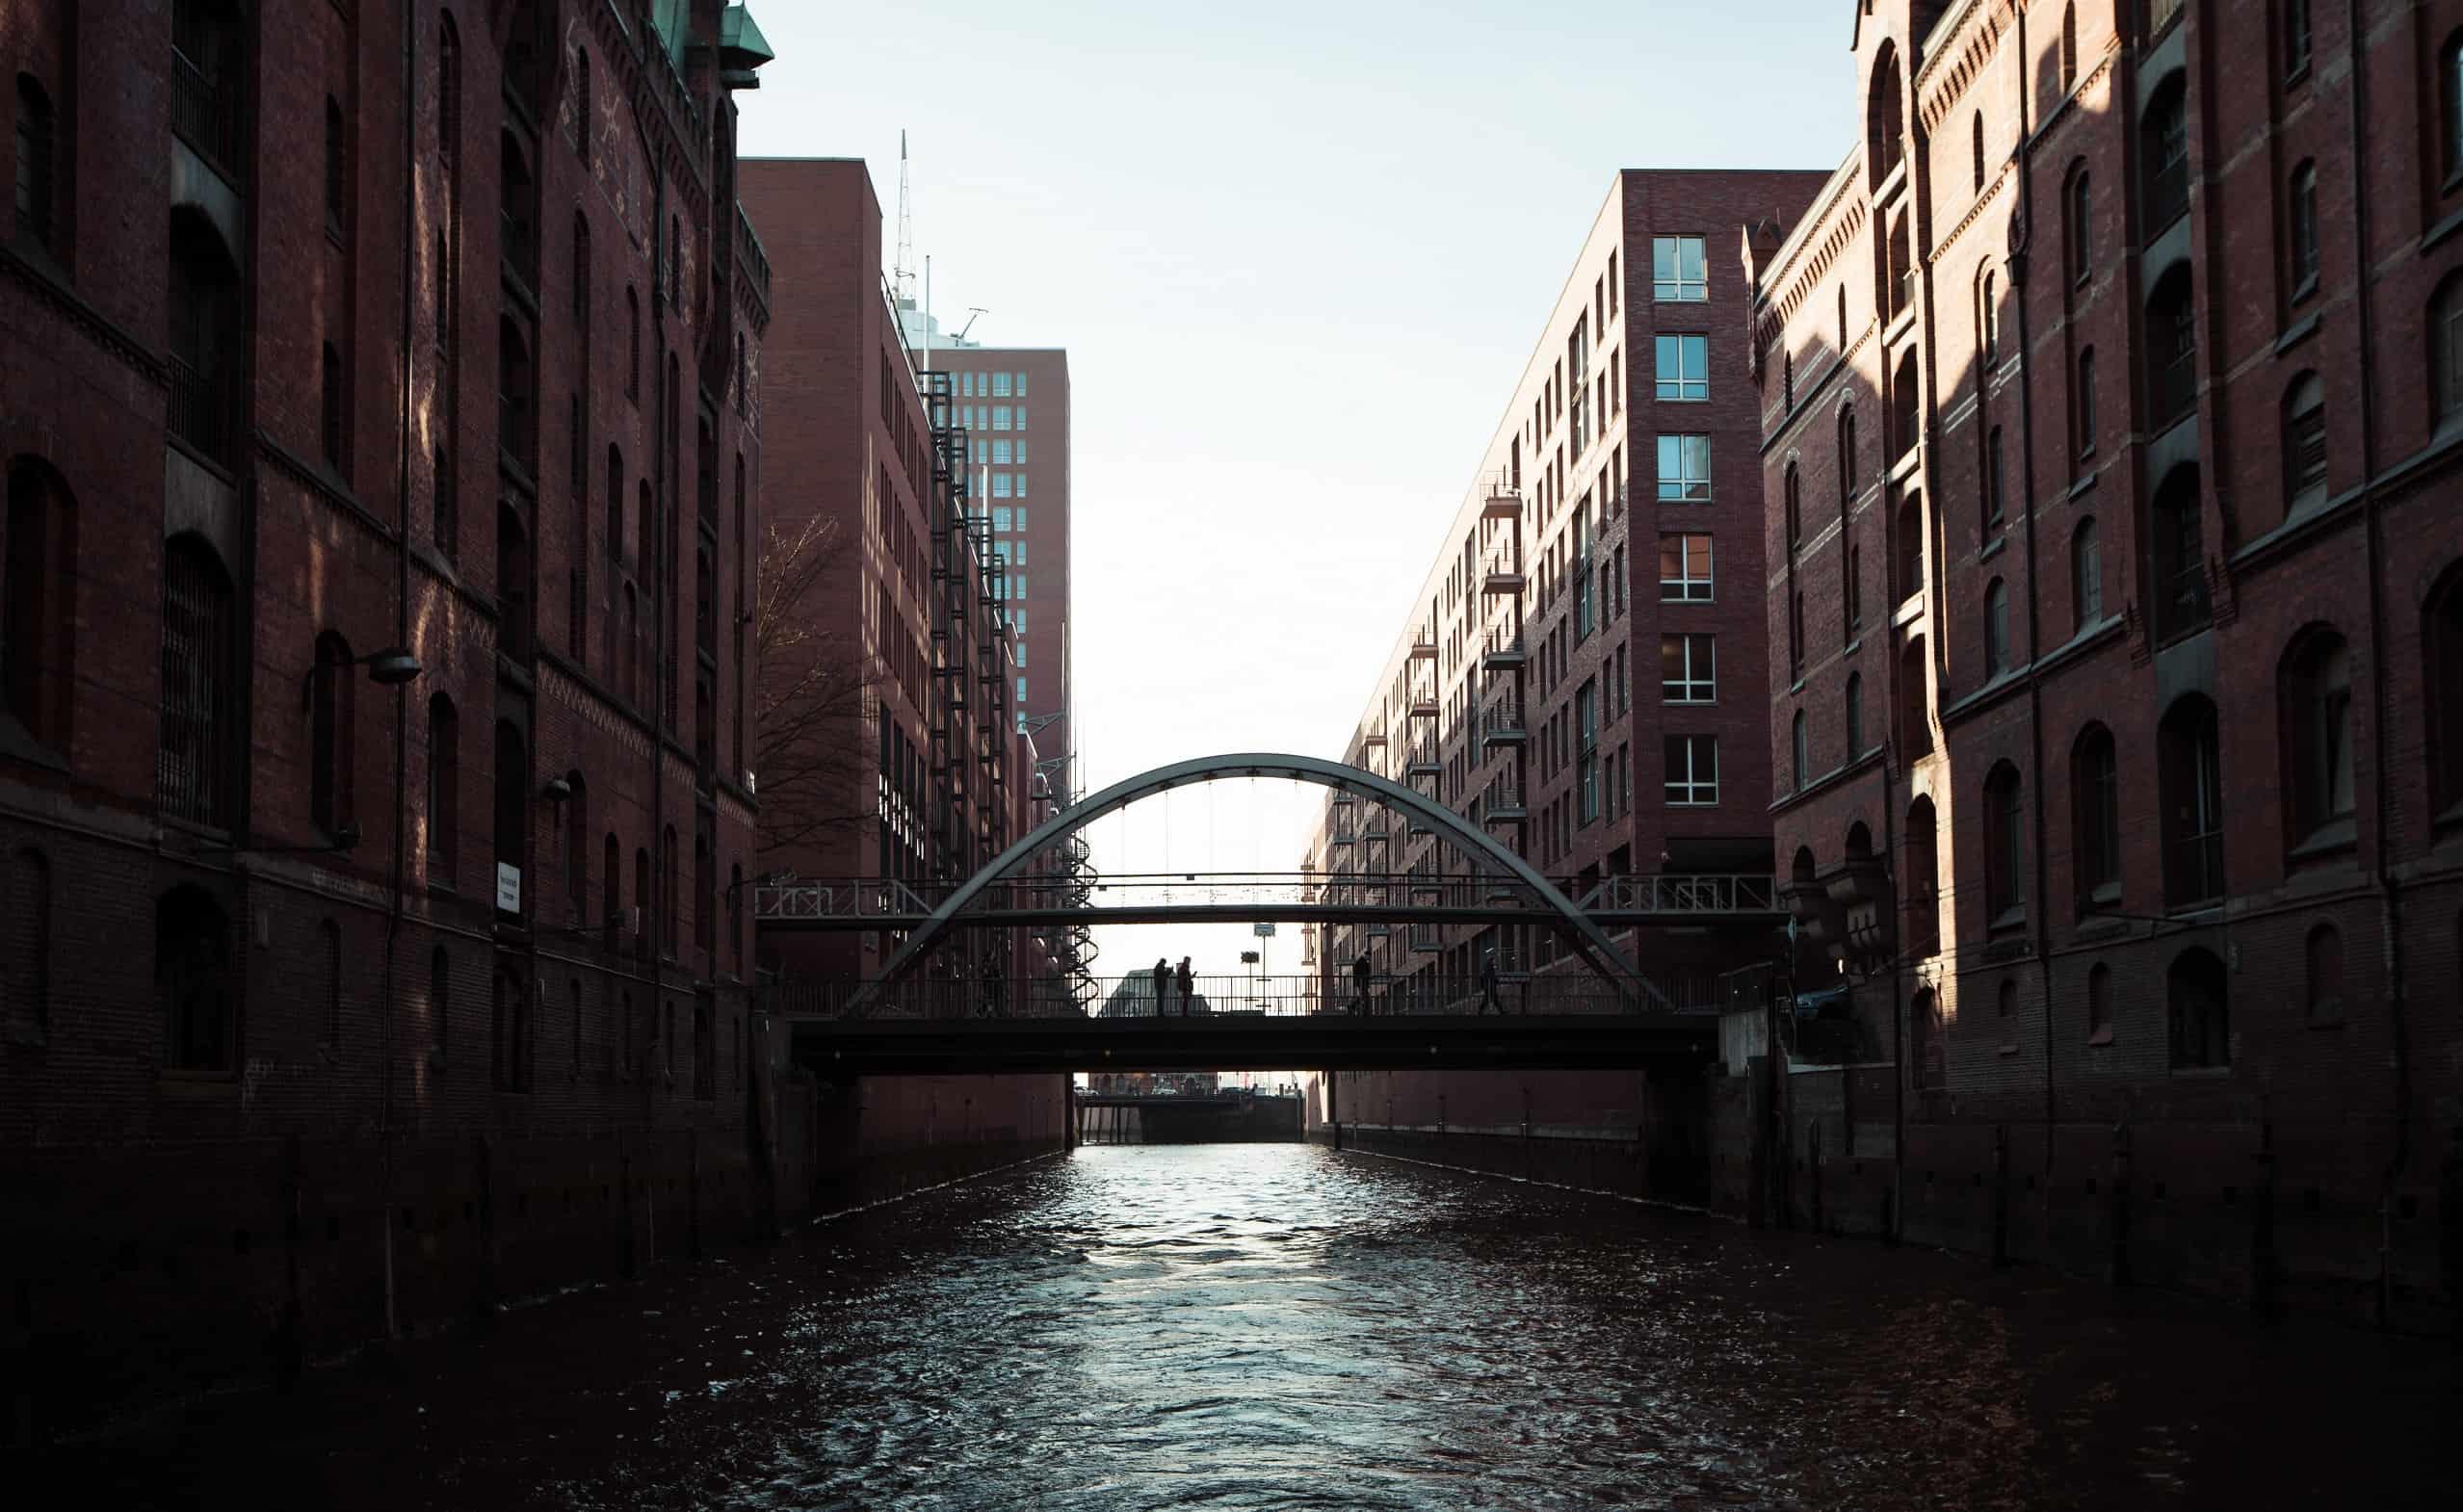 pakhuizen Hamburg